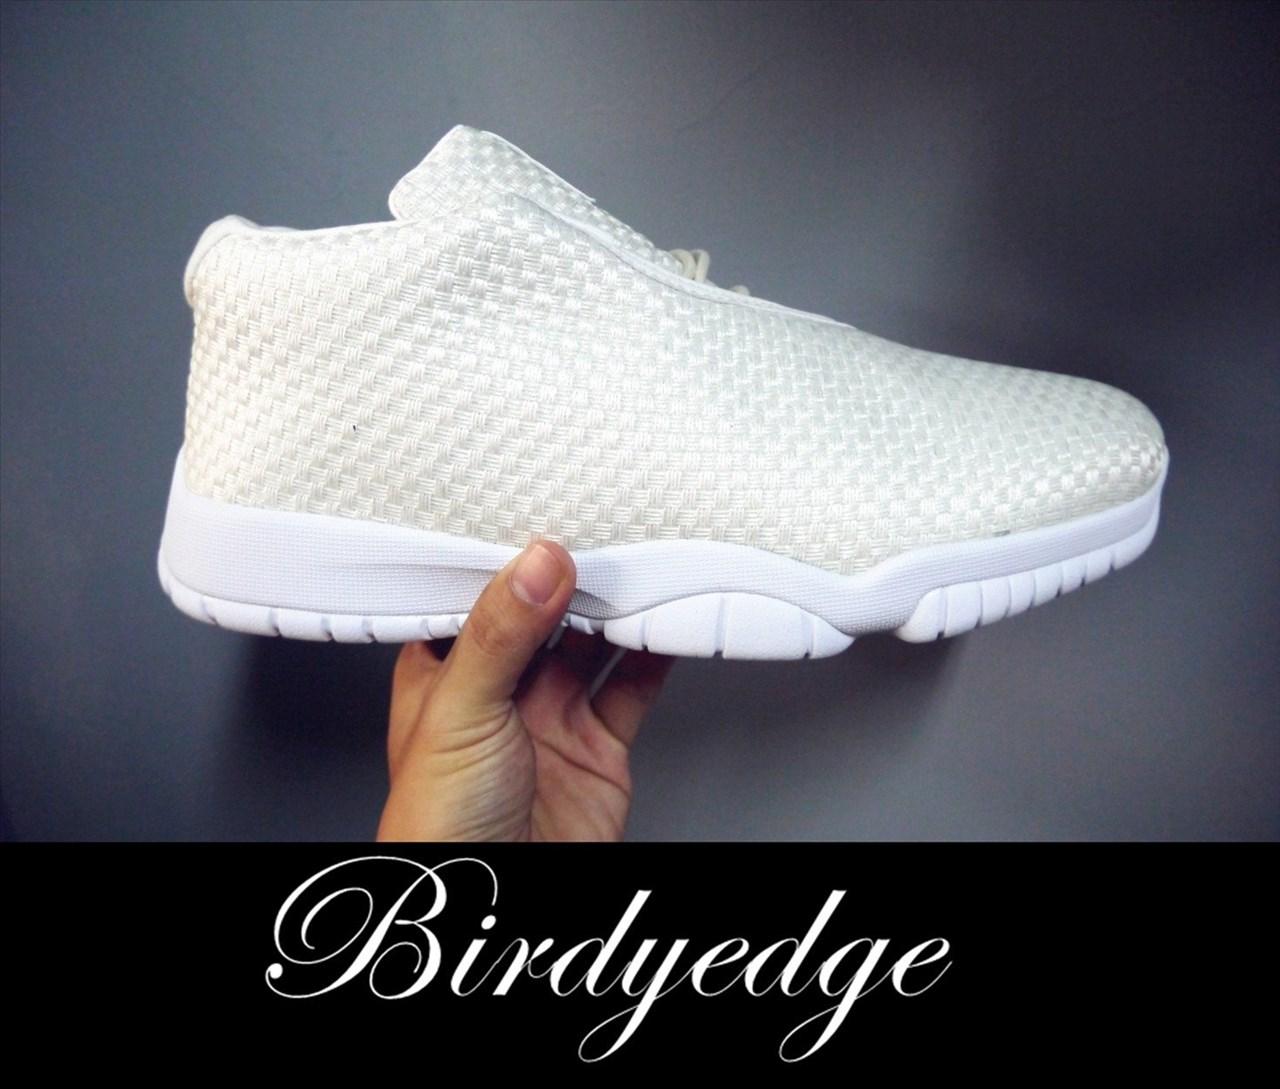 韓國 高筒 籃球鞋 編織鞋 NIKE 厚底 運動鞋 GQ HM RUISH AJ